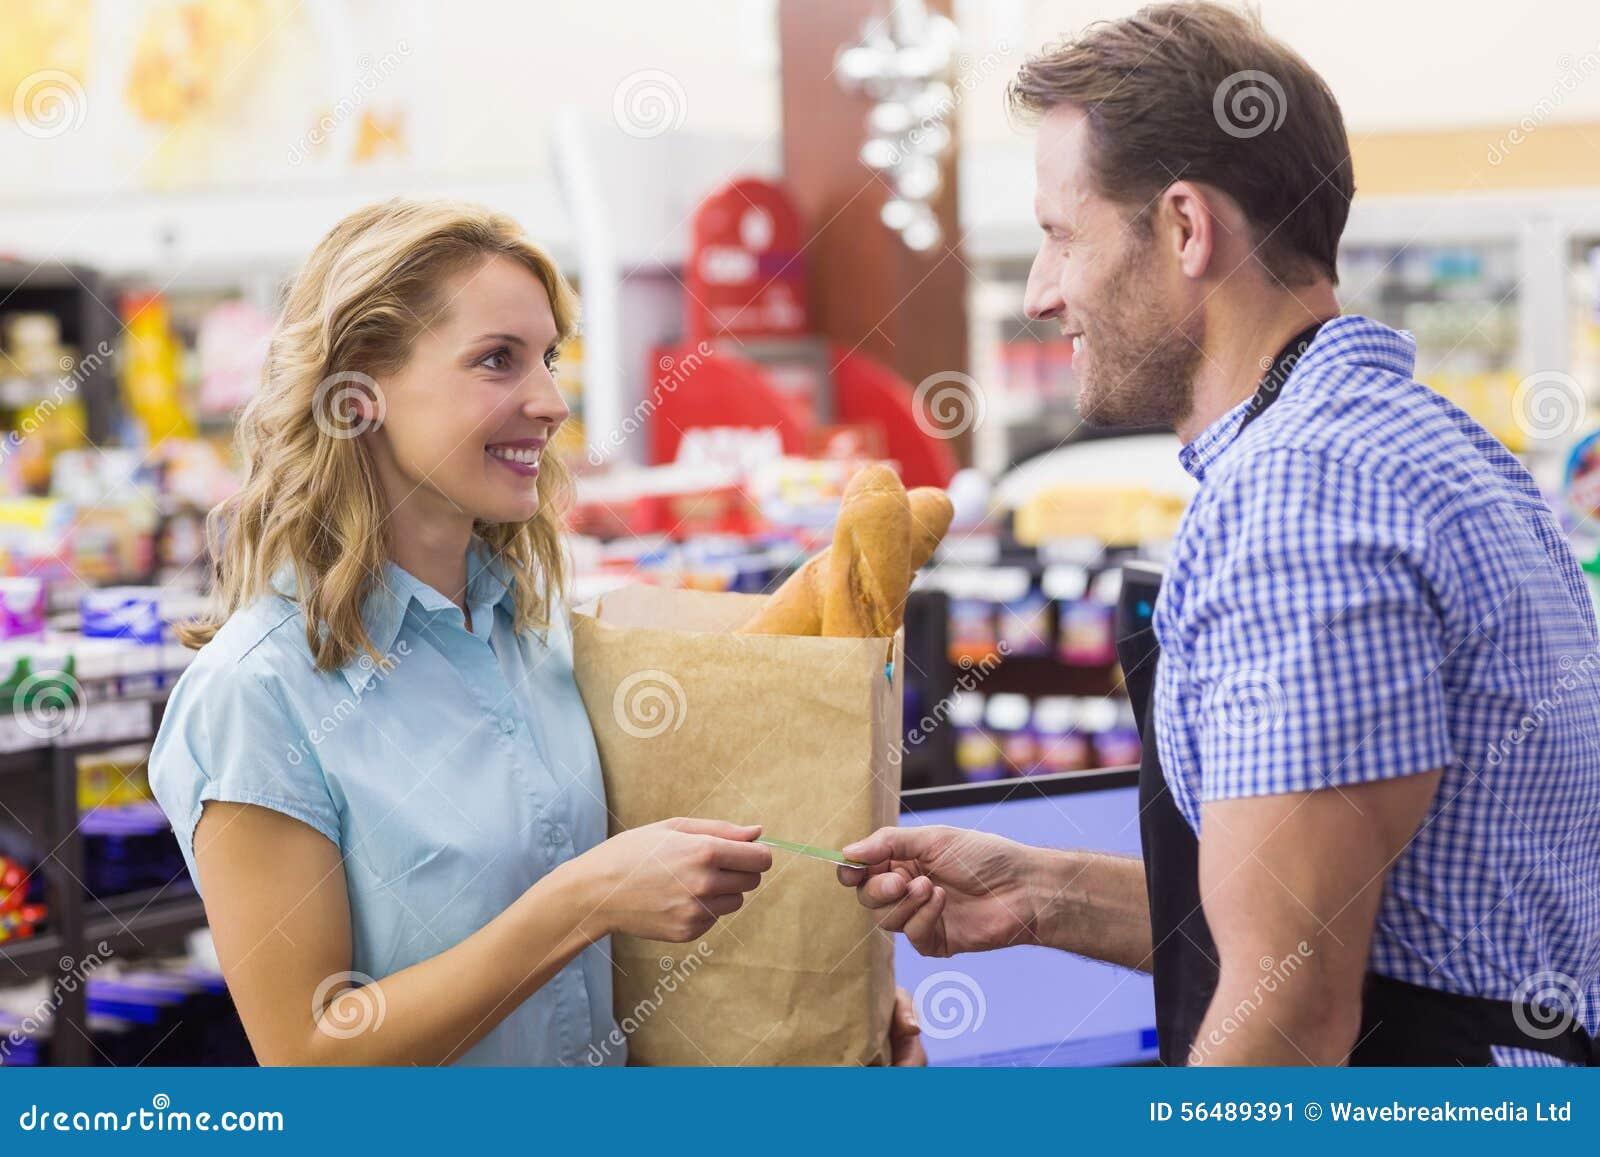 Femme de Smilingm à la caisse enregistreuse payant avec la carte de crédit